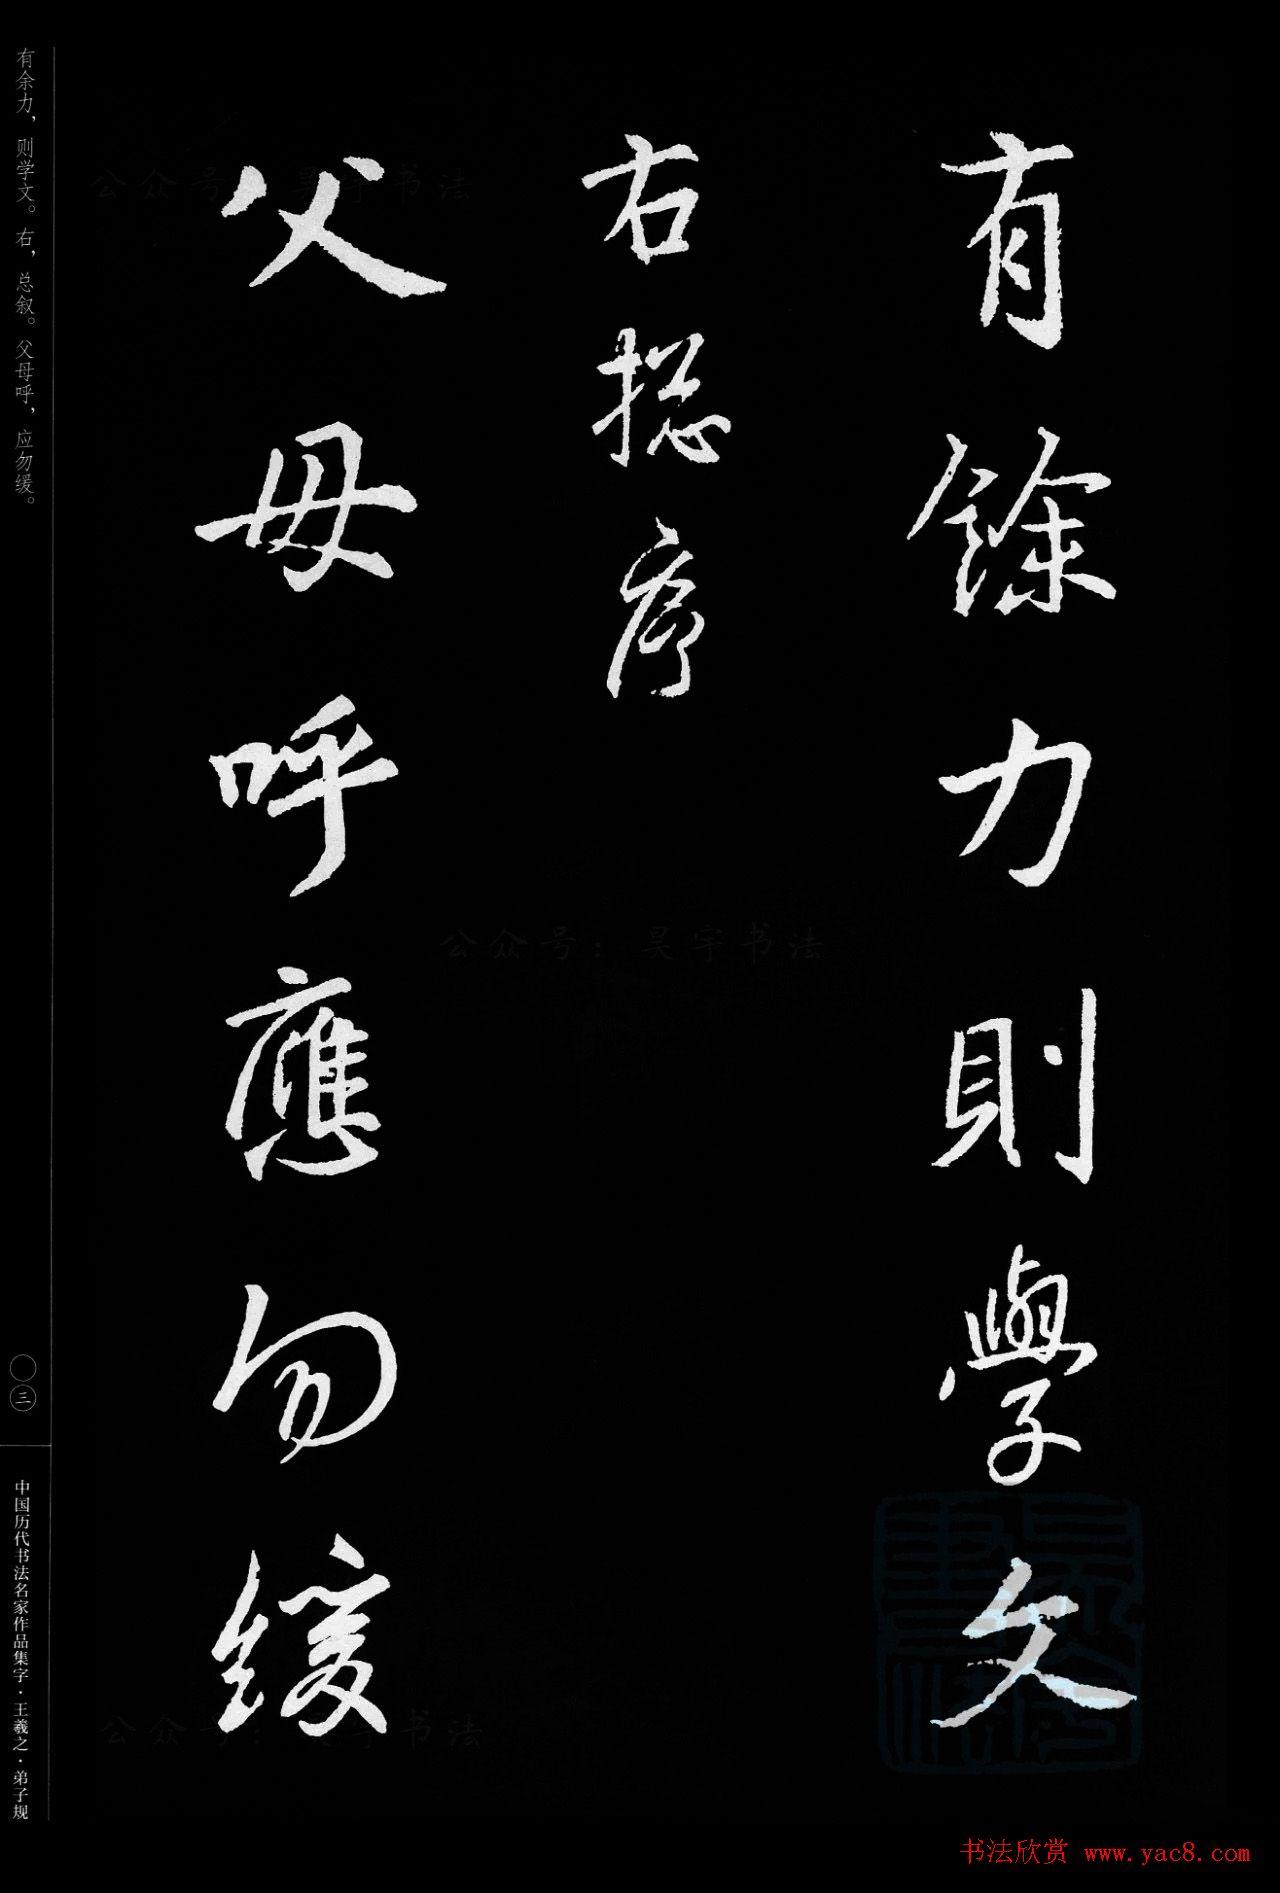 王羲之圣教序集字《弟子规》